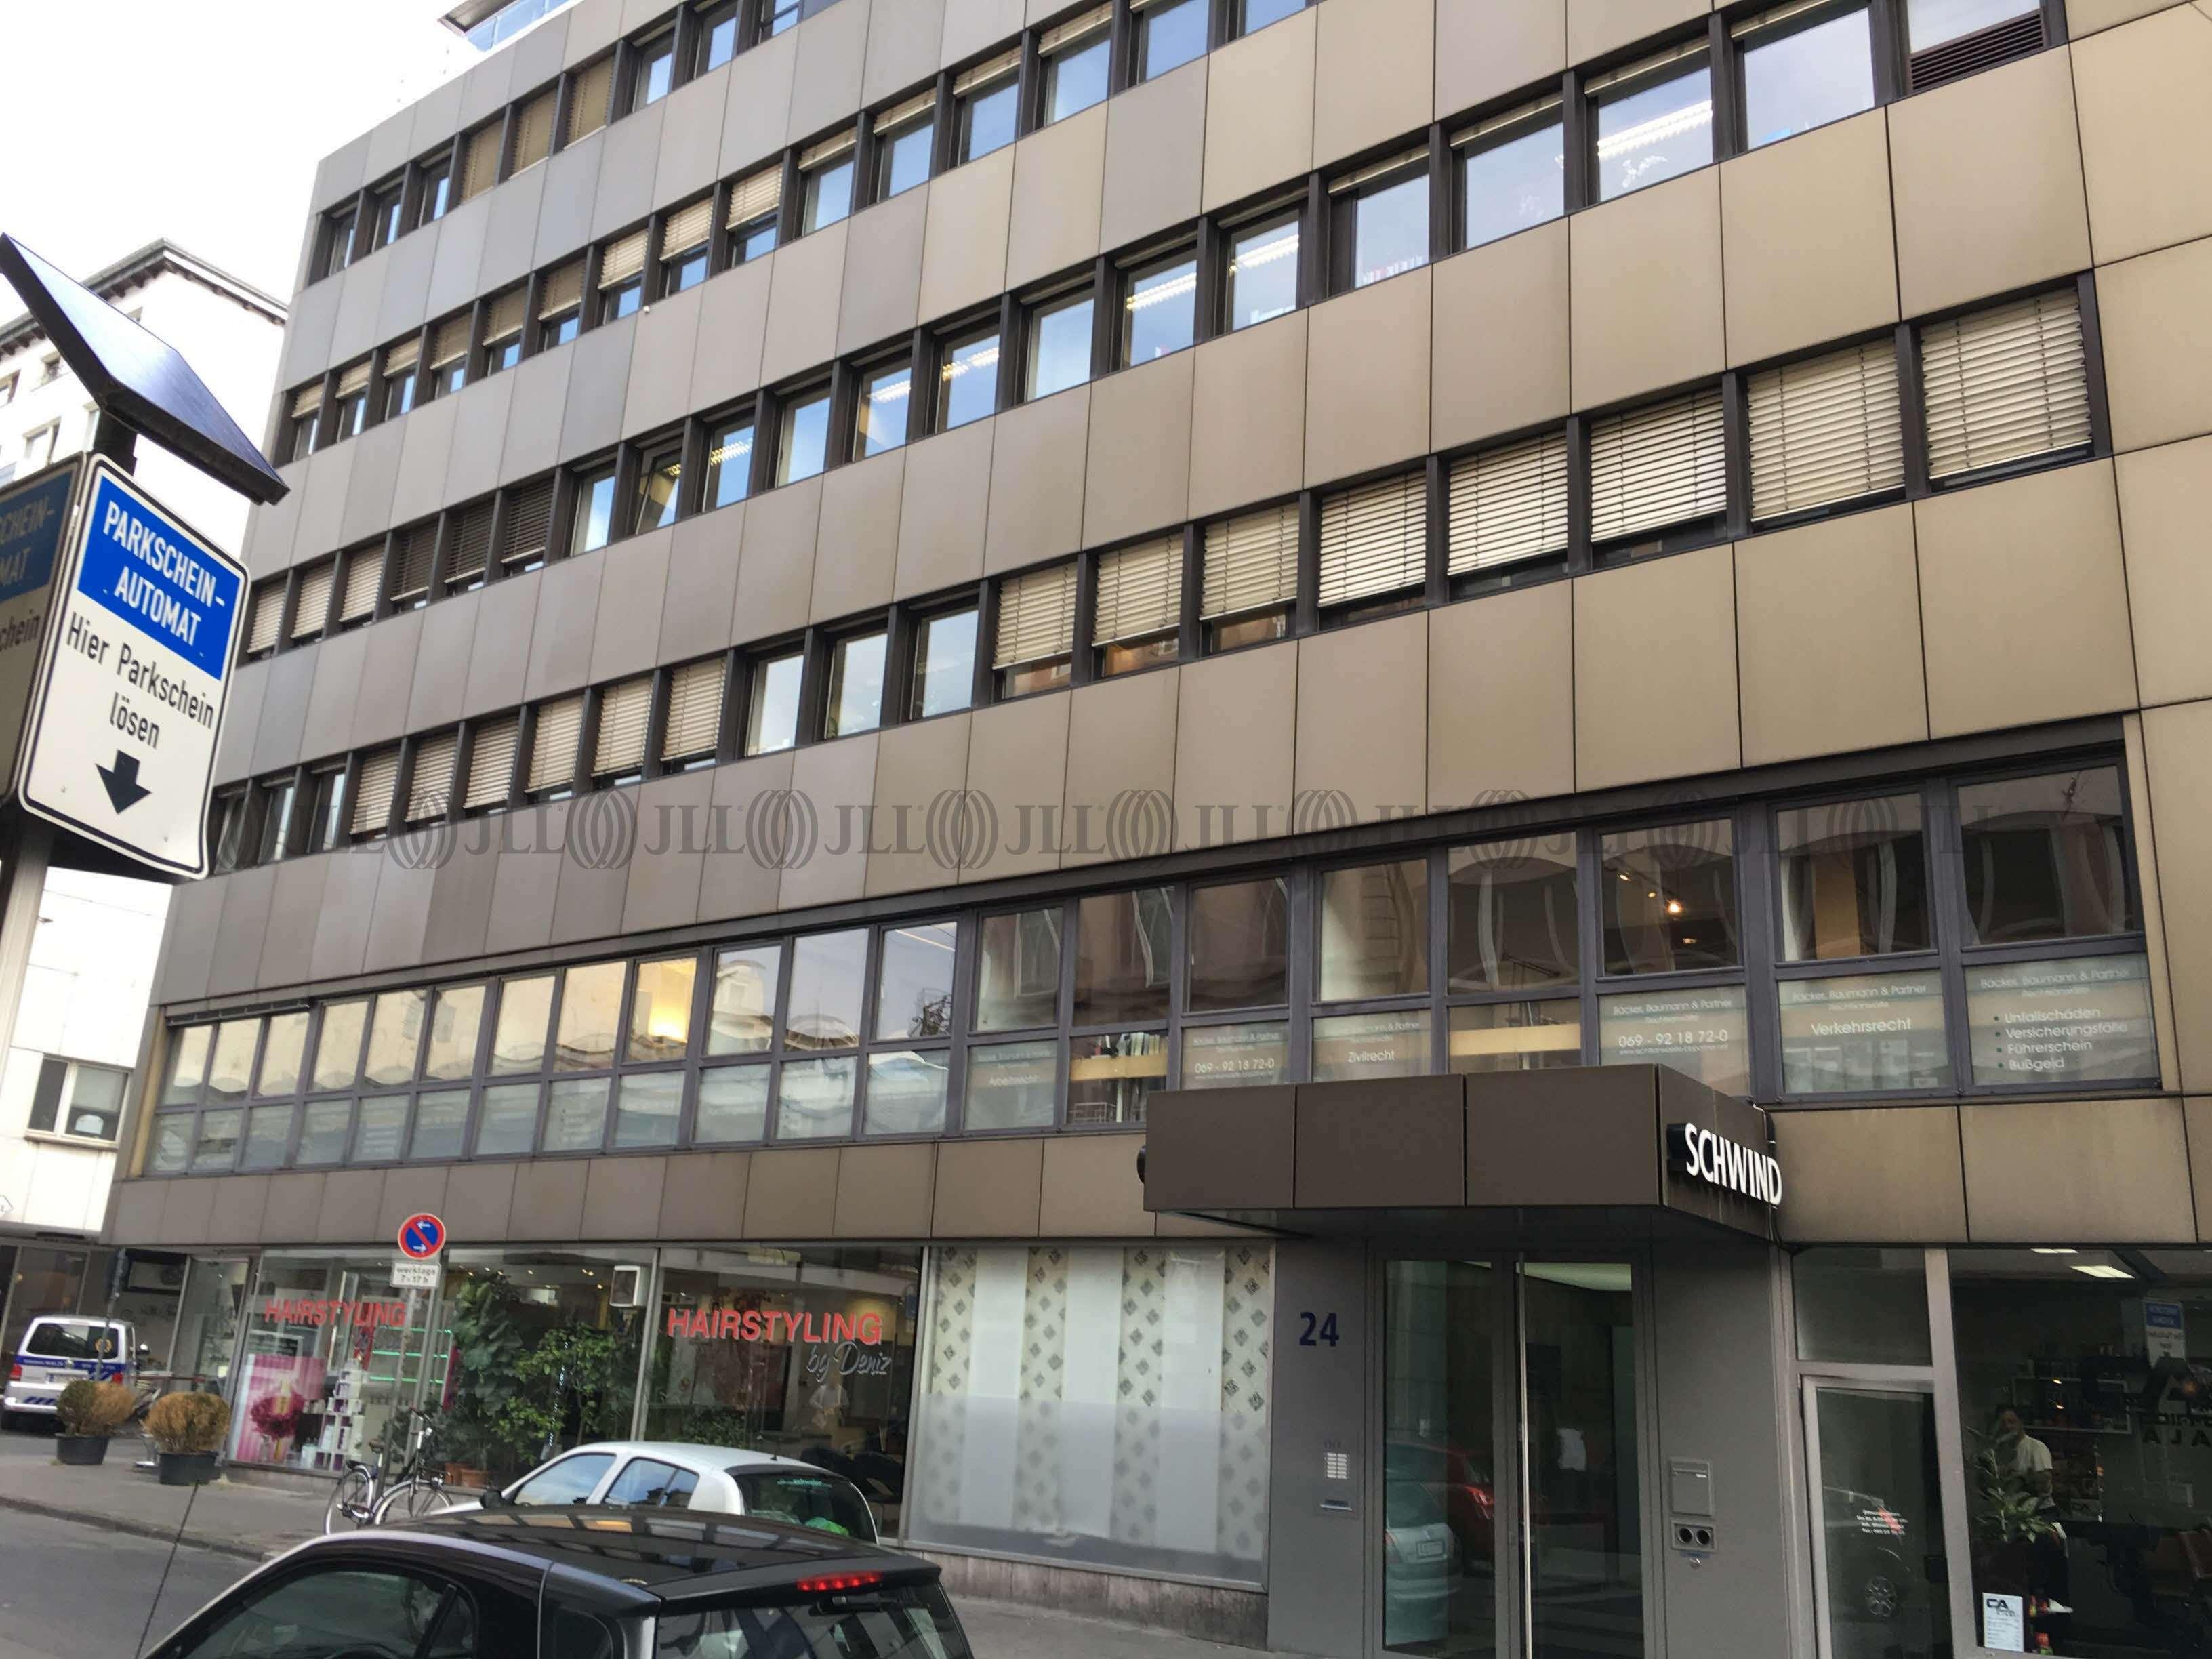 Büros Frankfurt am main, 60313 - Büro - Frankfurt am Main, Innenstadt - F0307 - 9887425